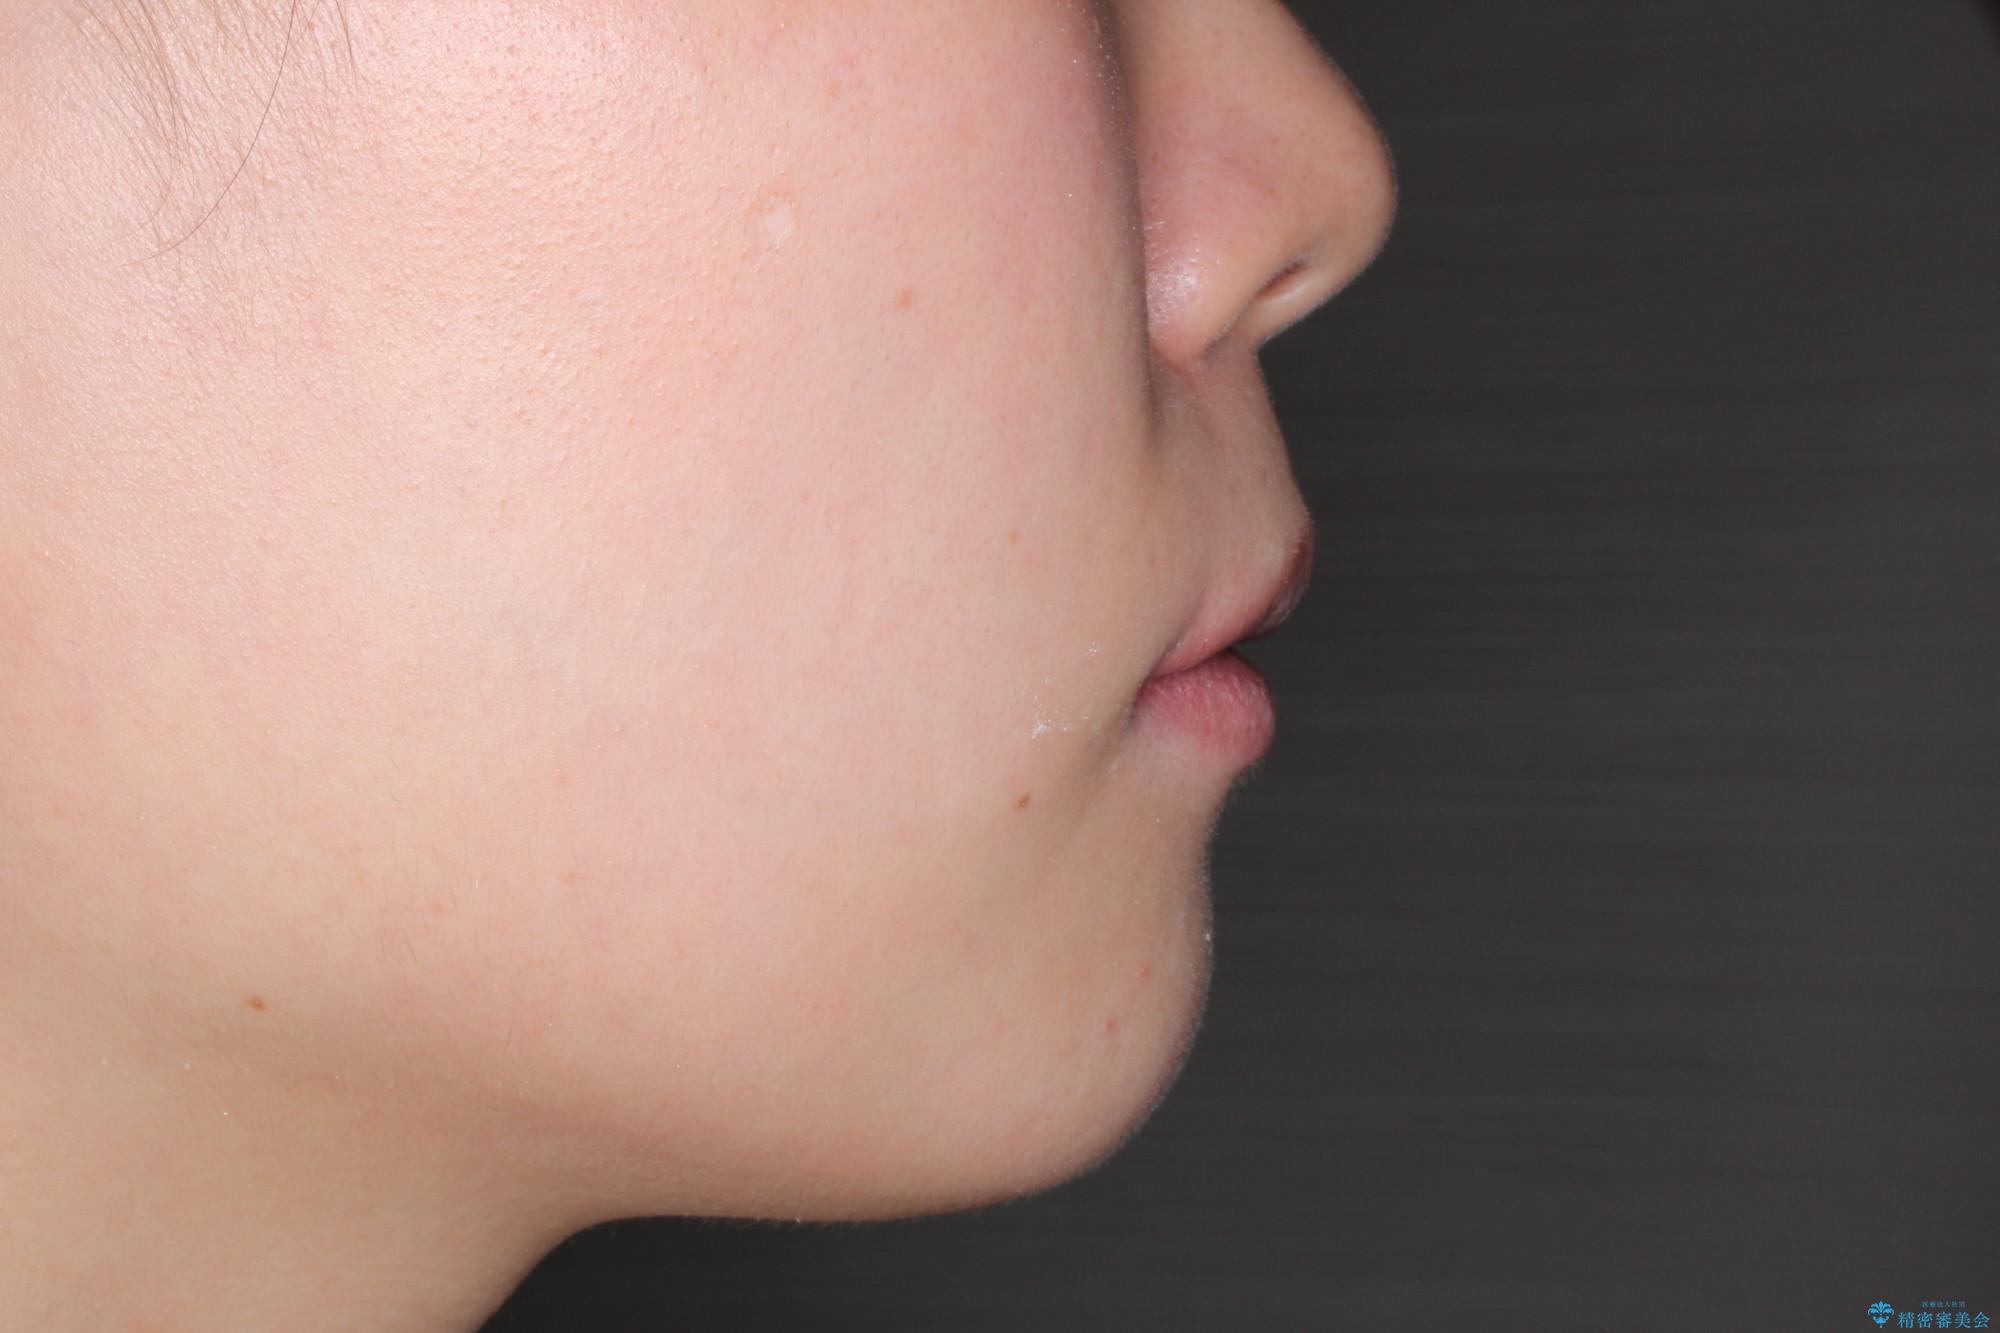 [口ゴボ] 口元が出ているのが気になる ワイヤーによる抜歯矯正で口元をすっきりとの治療後(顔貌)